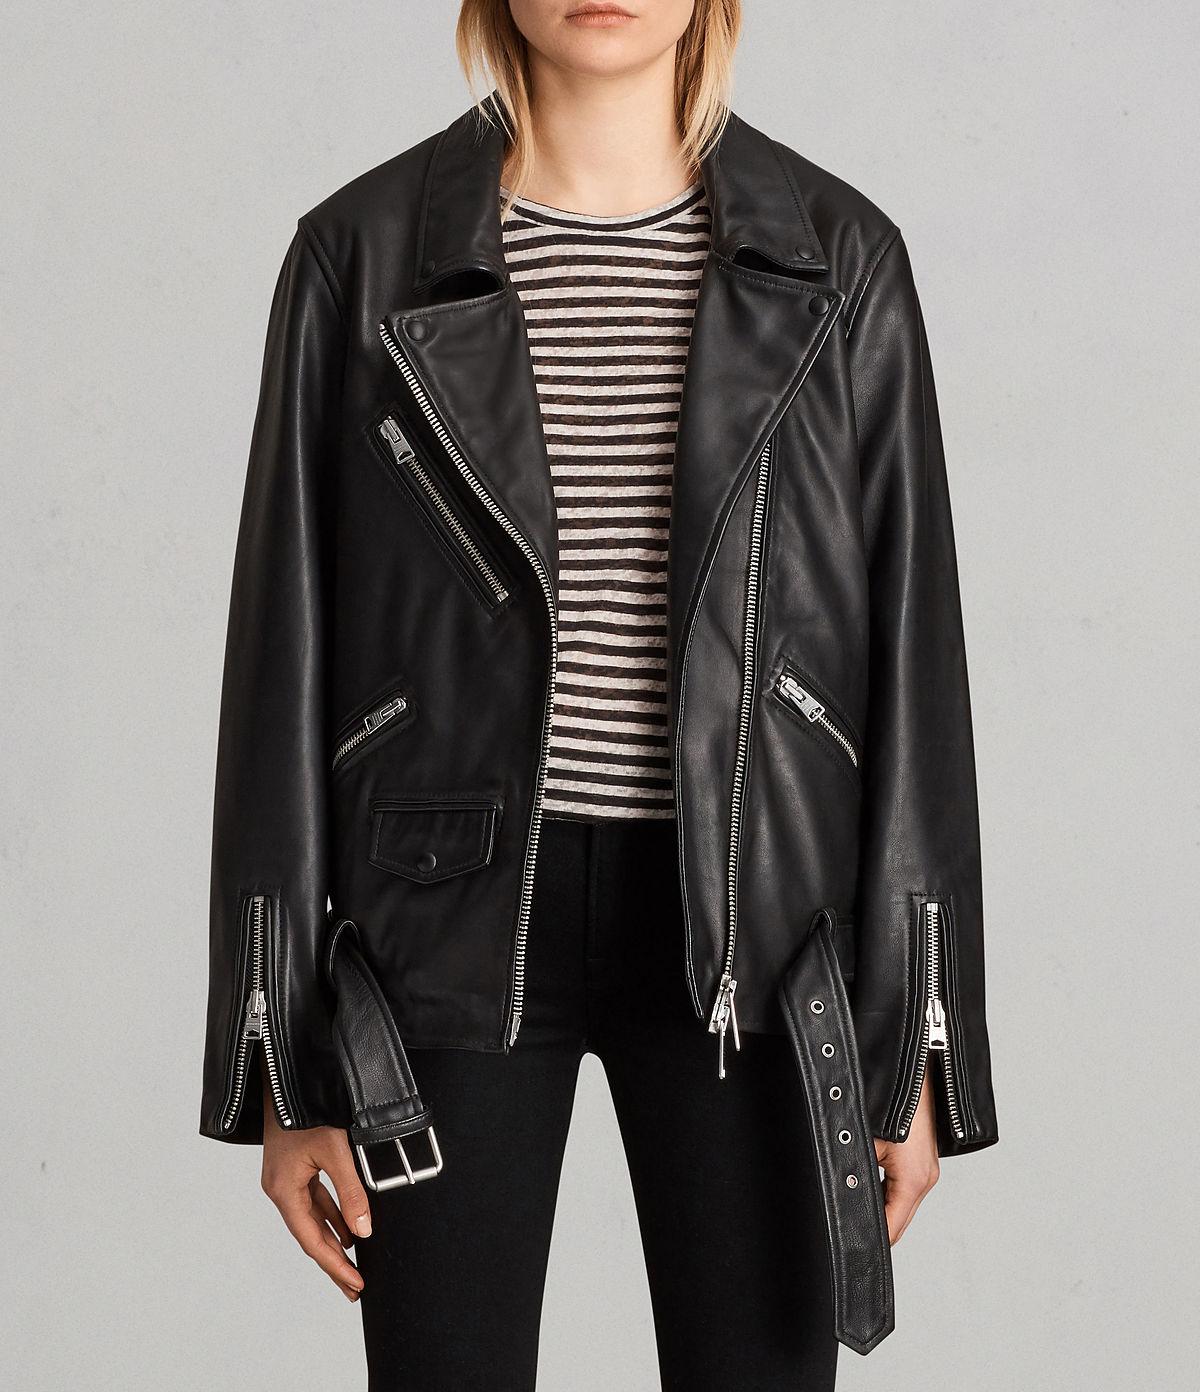 oversized-leather-biker-jacket